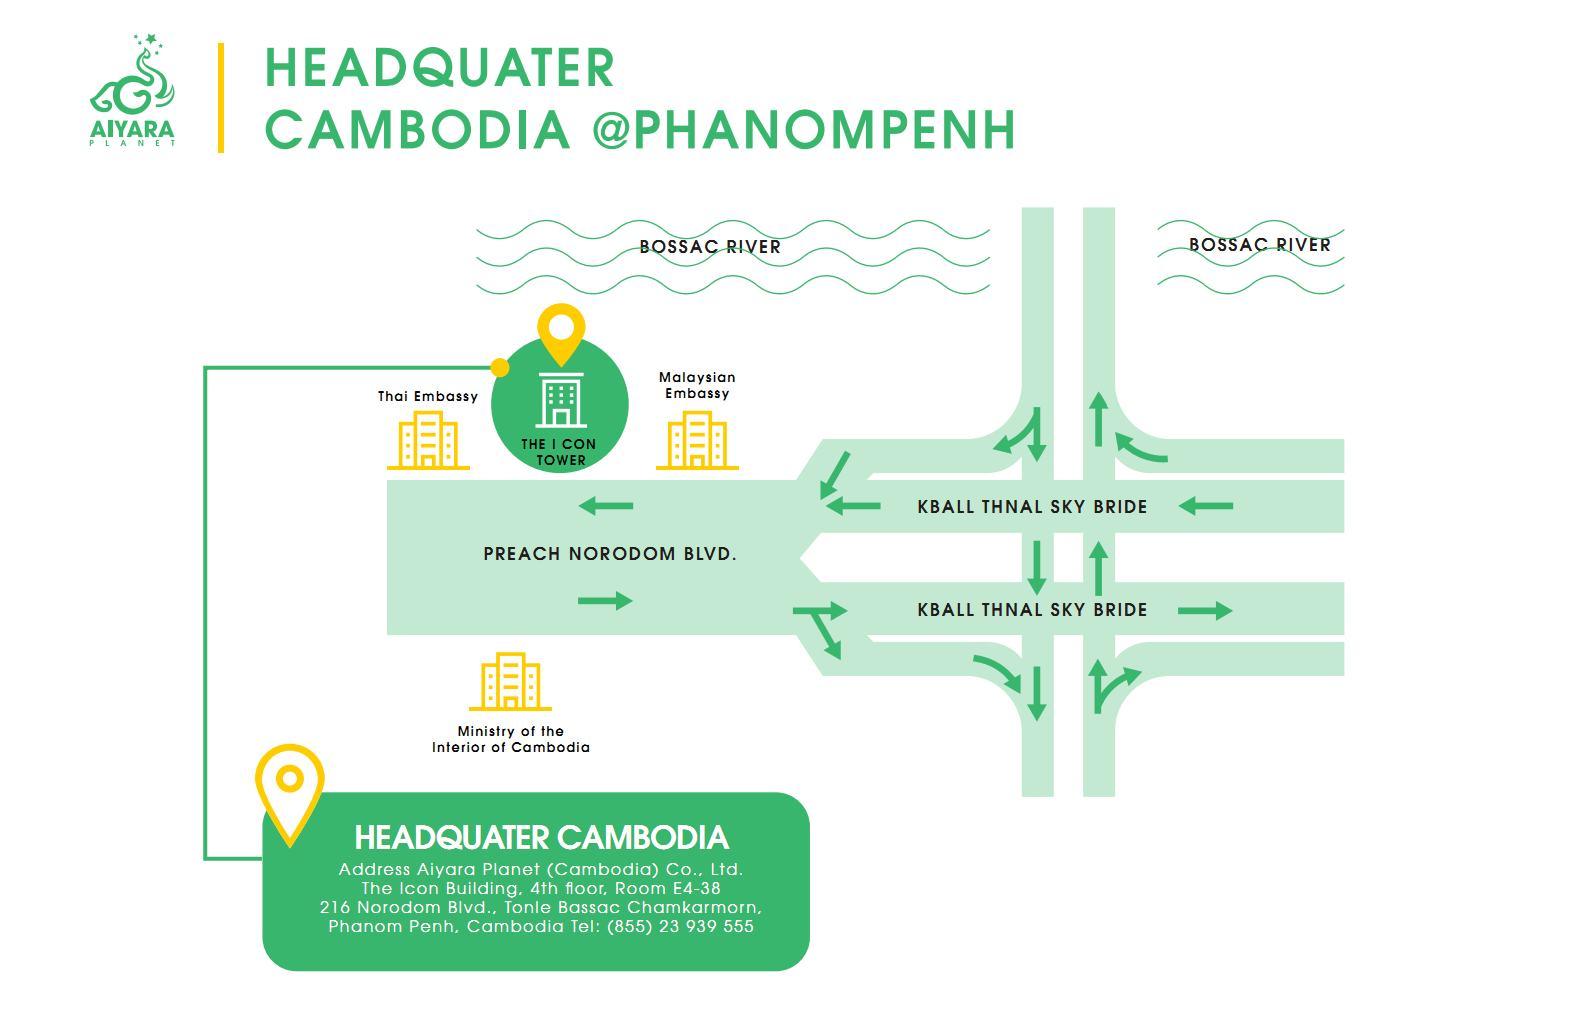 HQ PHANOMPENH, CAMBODIA